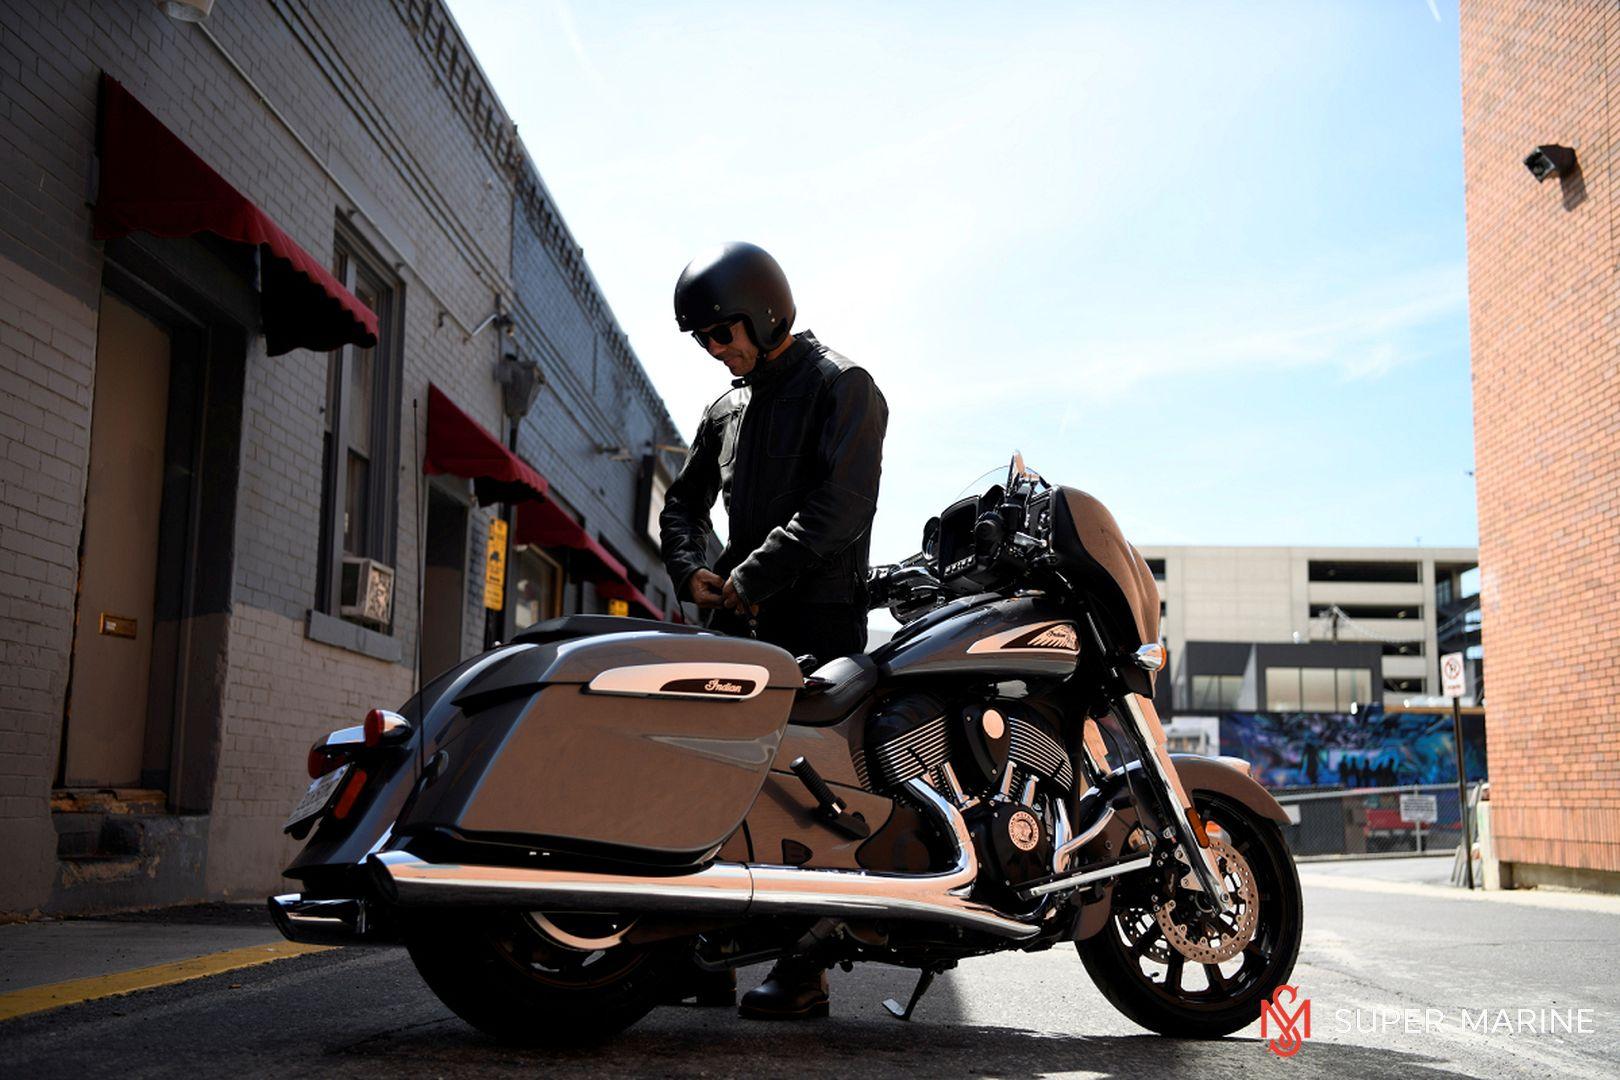 Мотоцикл Indian Chieftain Steel Gray 2019 - 15